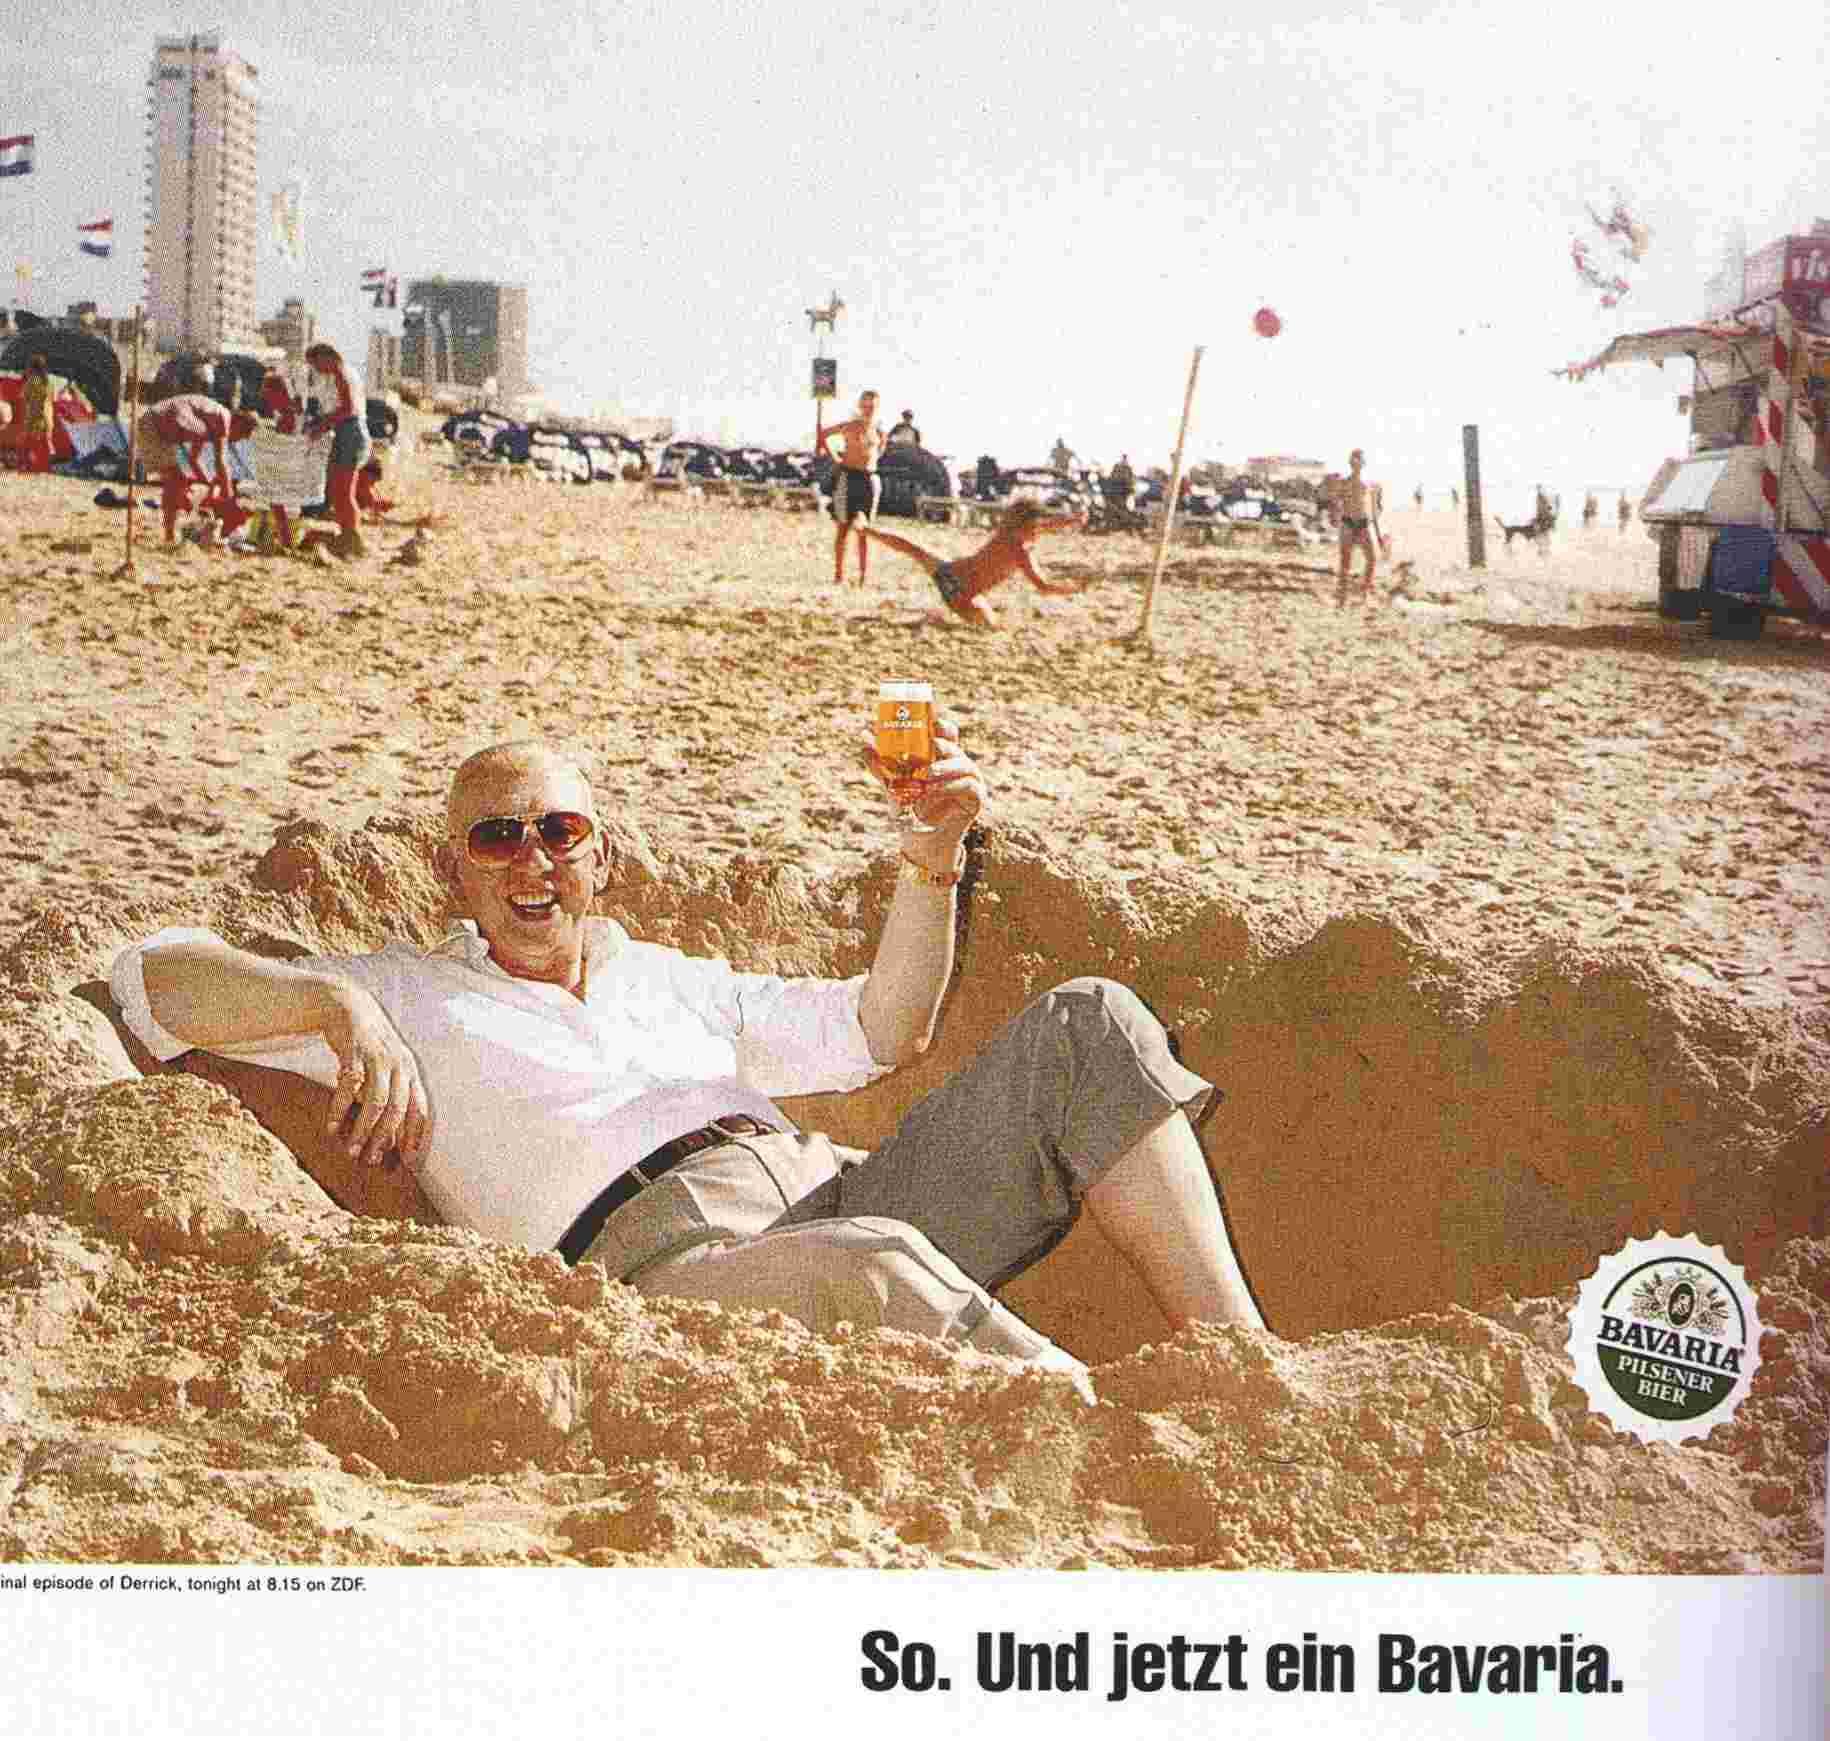 Derrick mit Bavaria-Bier Totale.JPG (826571 Byte)